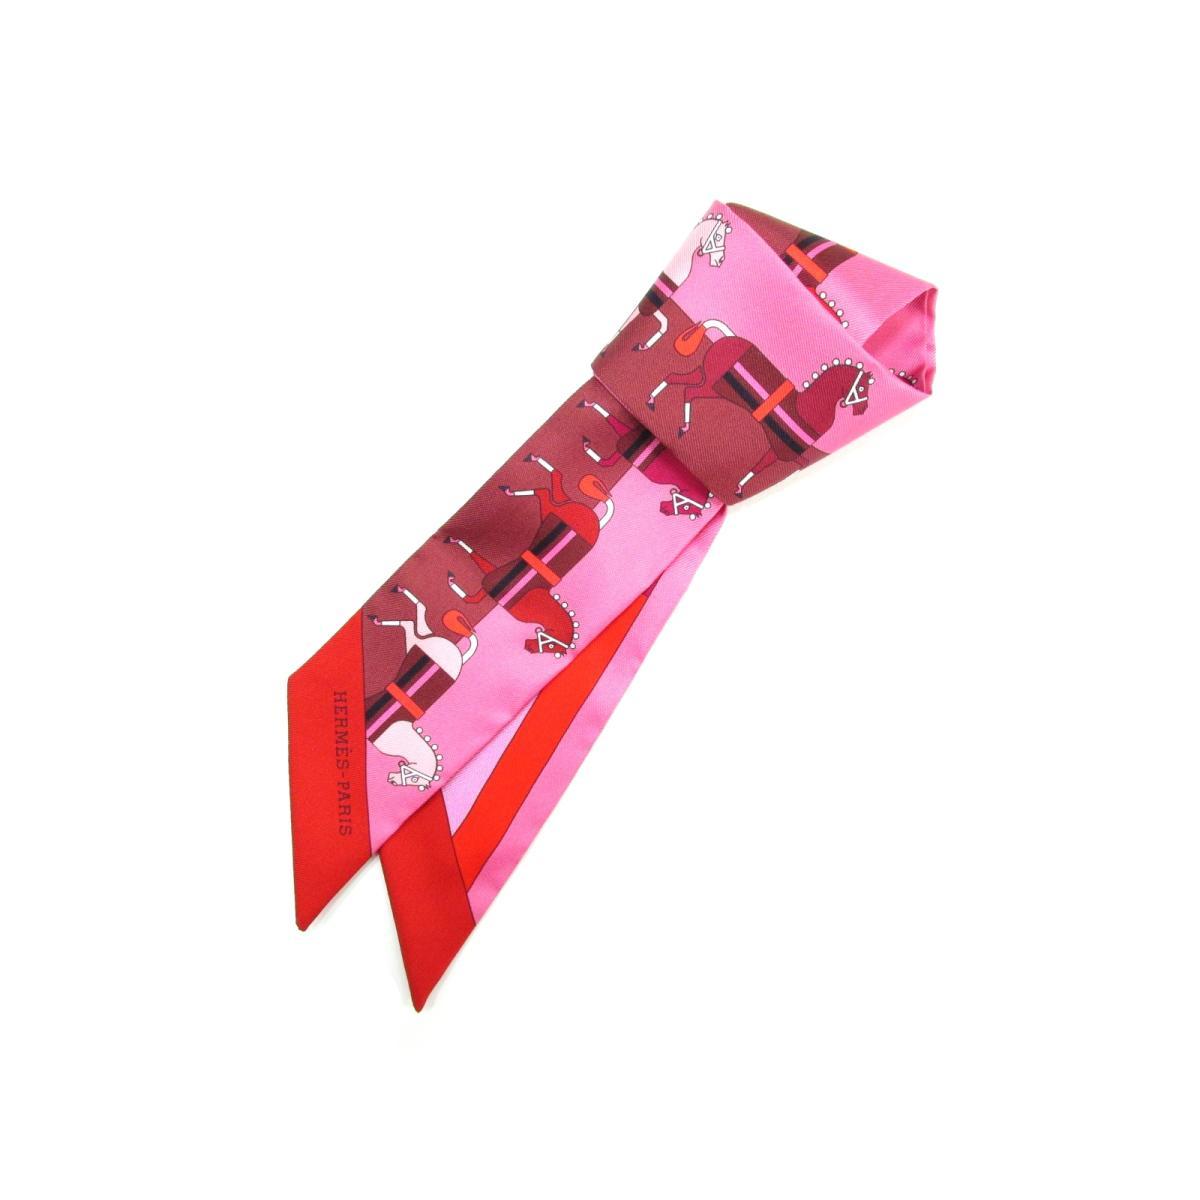 エルメス トゥイリー ツイリー スカーフ リボン メンズ レディース シルク100% ピンク × レッド × ボルドー   HERMES スカーフ トゥイリー 新品 ブランドオフ BRANDOFF